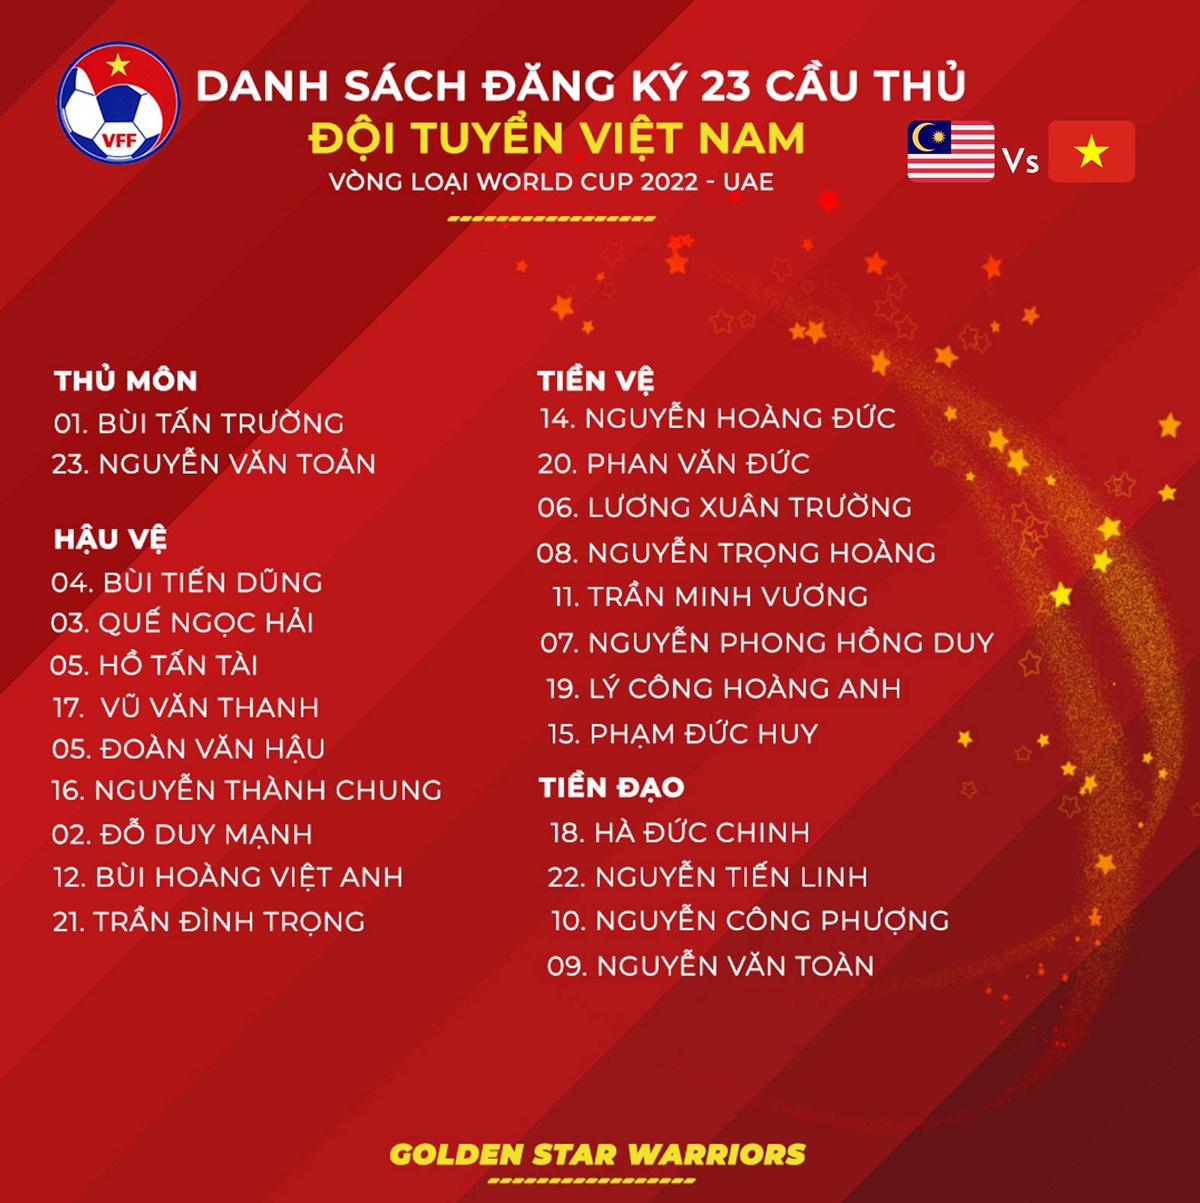 Danh sách đăng ký 23 cầu thủ Việt Nam dự trận đấu với Malaysia.